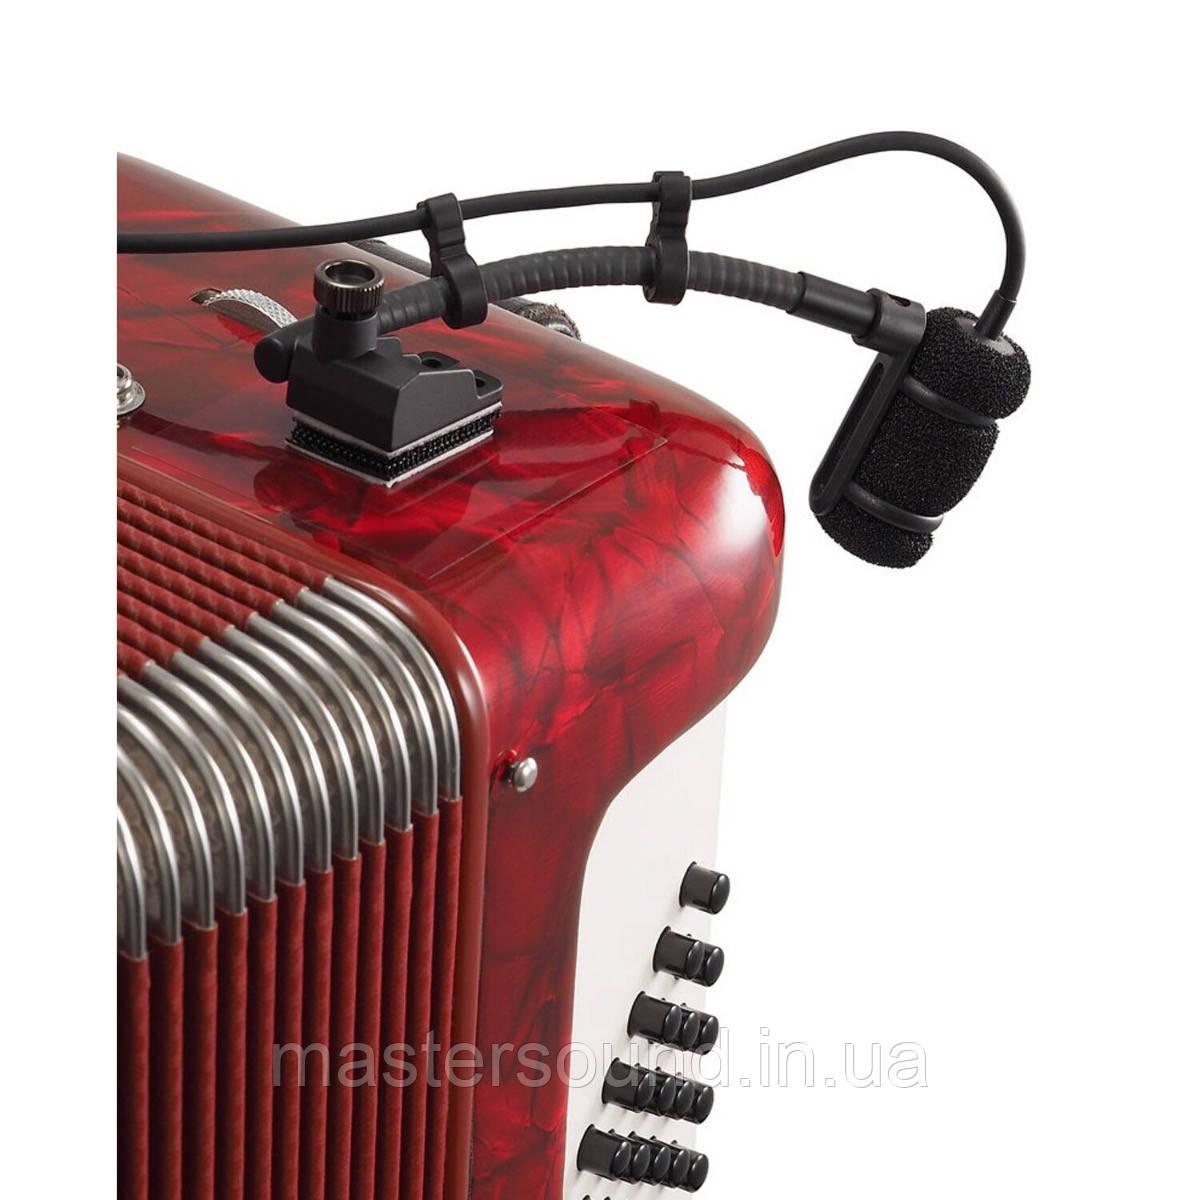 Микрофонный держатель для для баяна аккордеона Audio Technica AT8491S